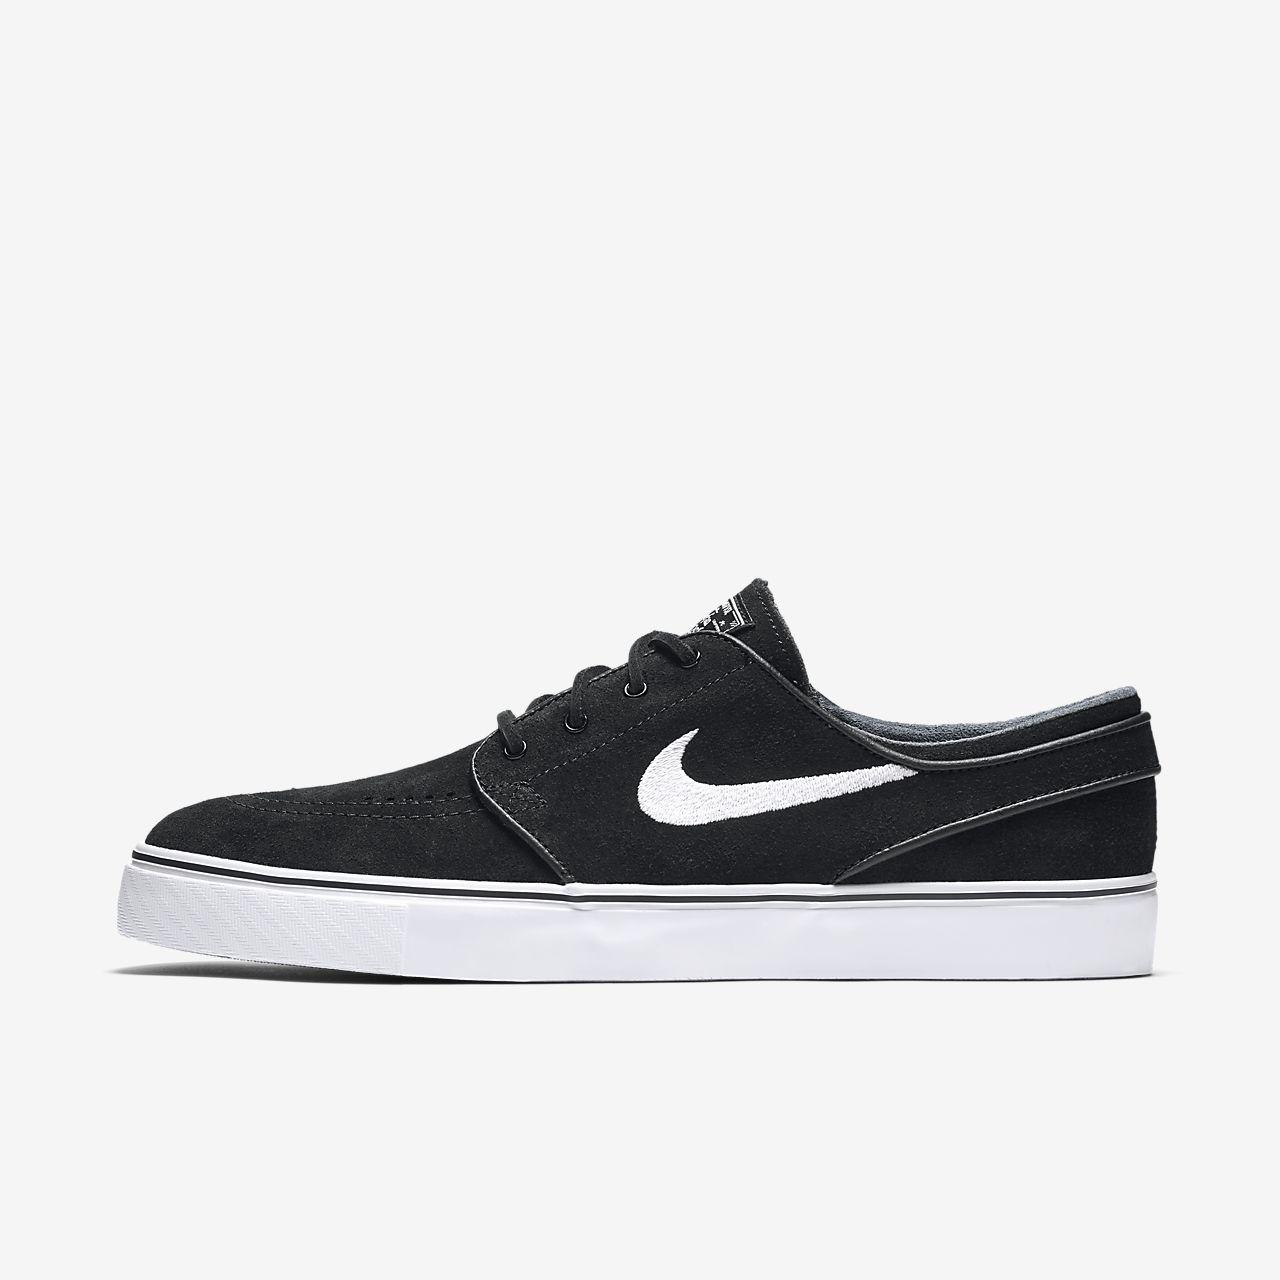 4737c045dd8 Nike SB Zoom Stefan Janoski OG Zapatillas de skateboard - Hombre ...